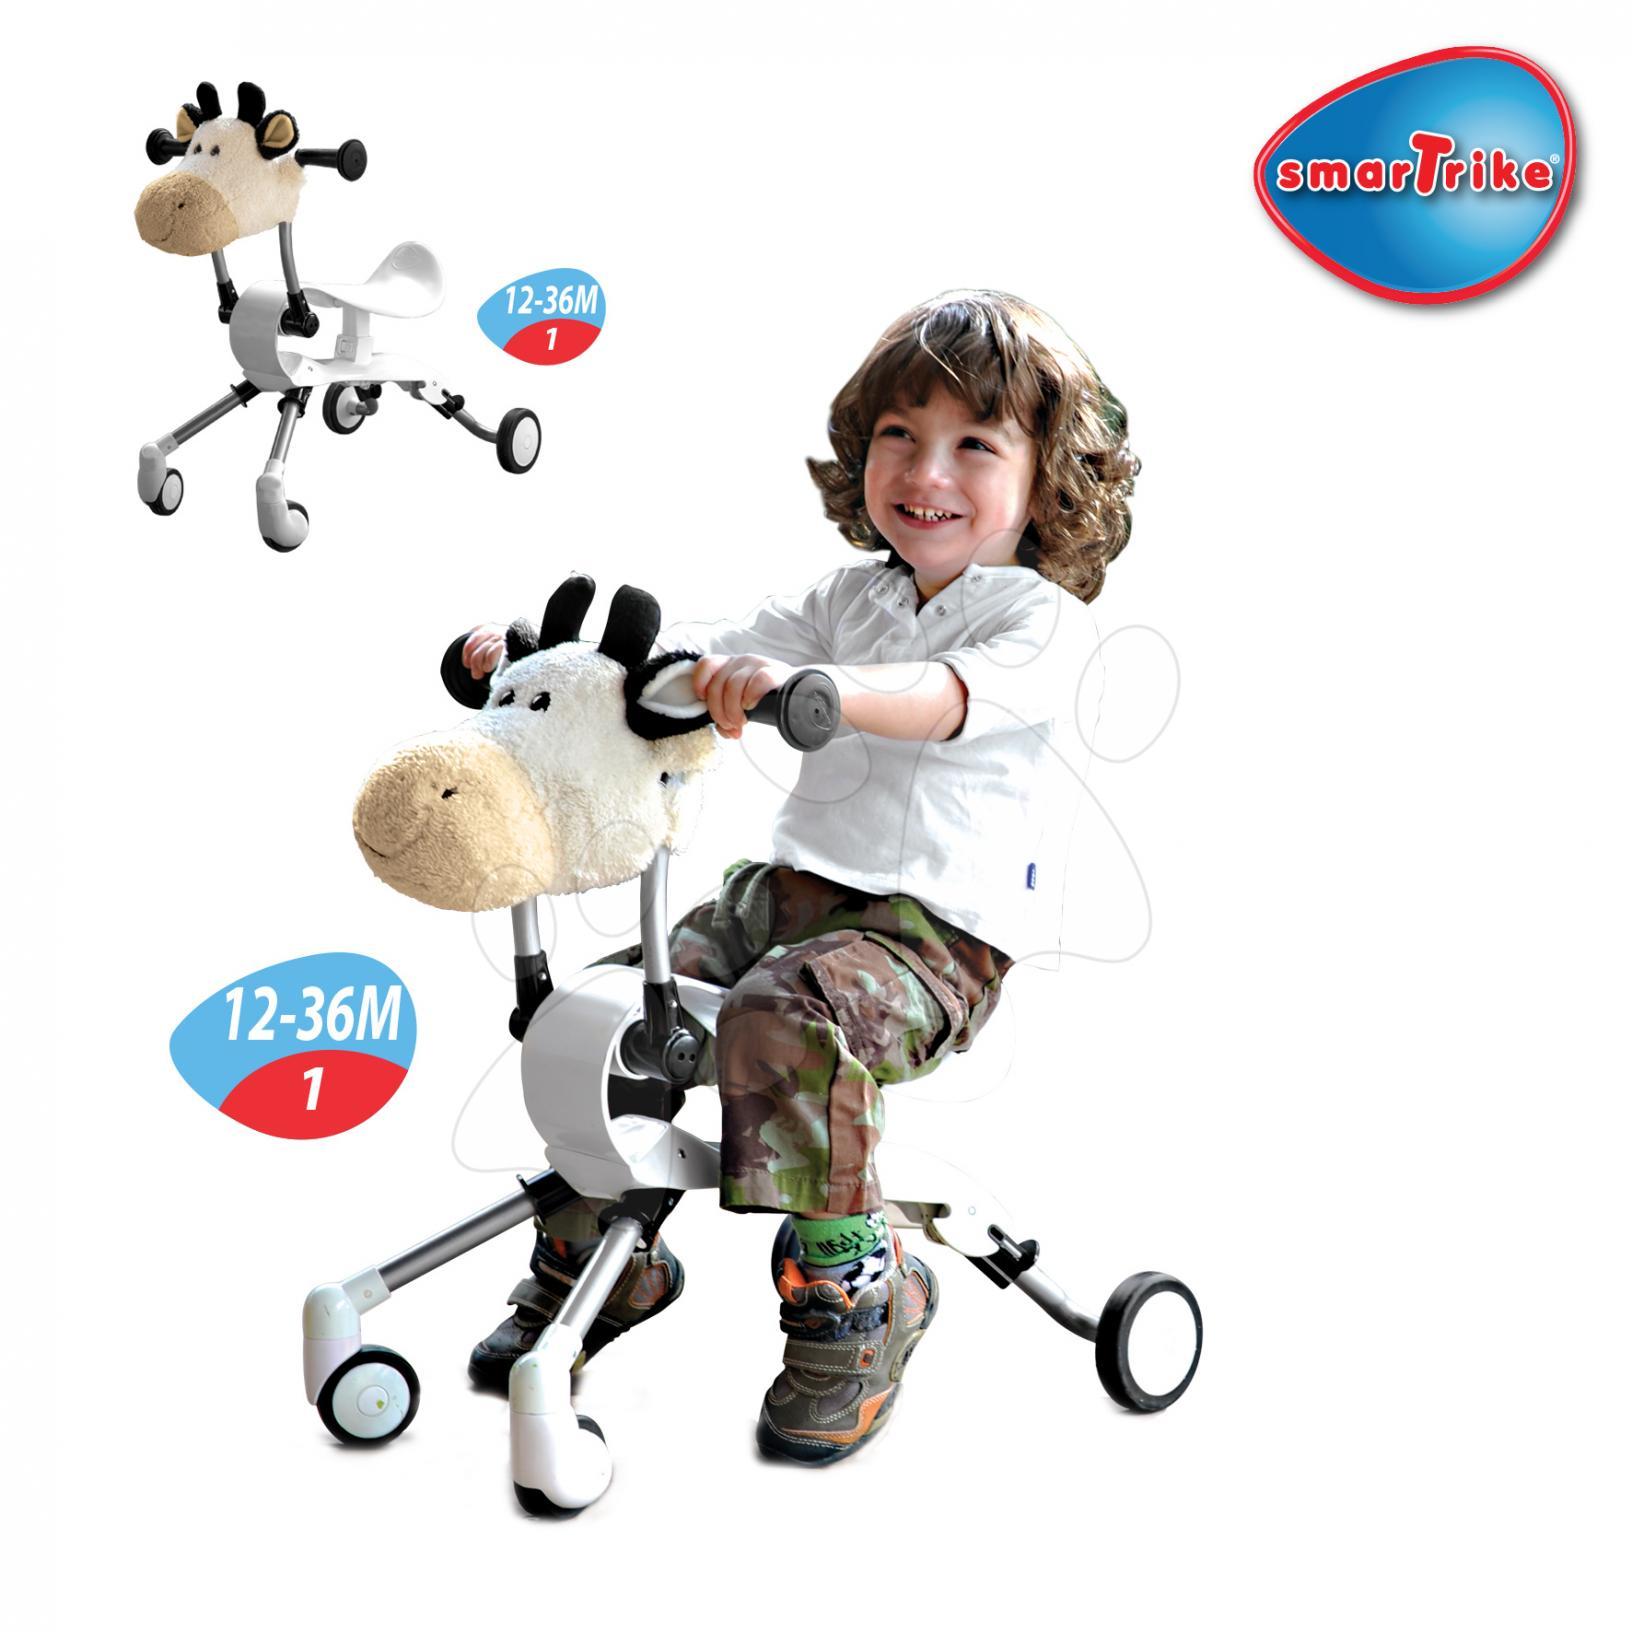 SMART TRIKE 9002400 odrážadlo Springo Farm od 12-36 měsíců kravička